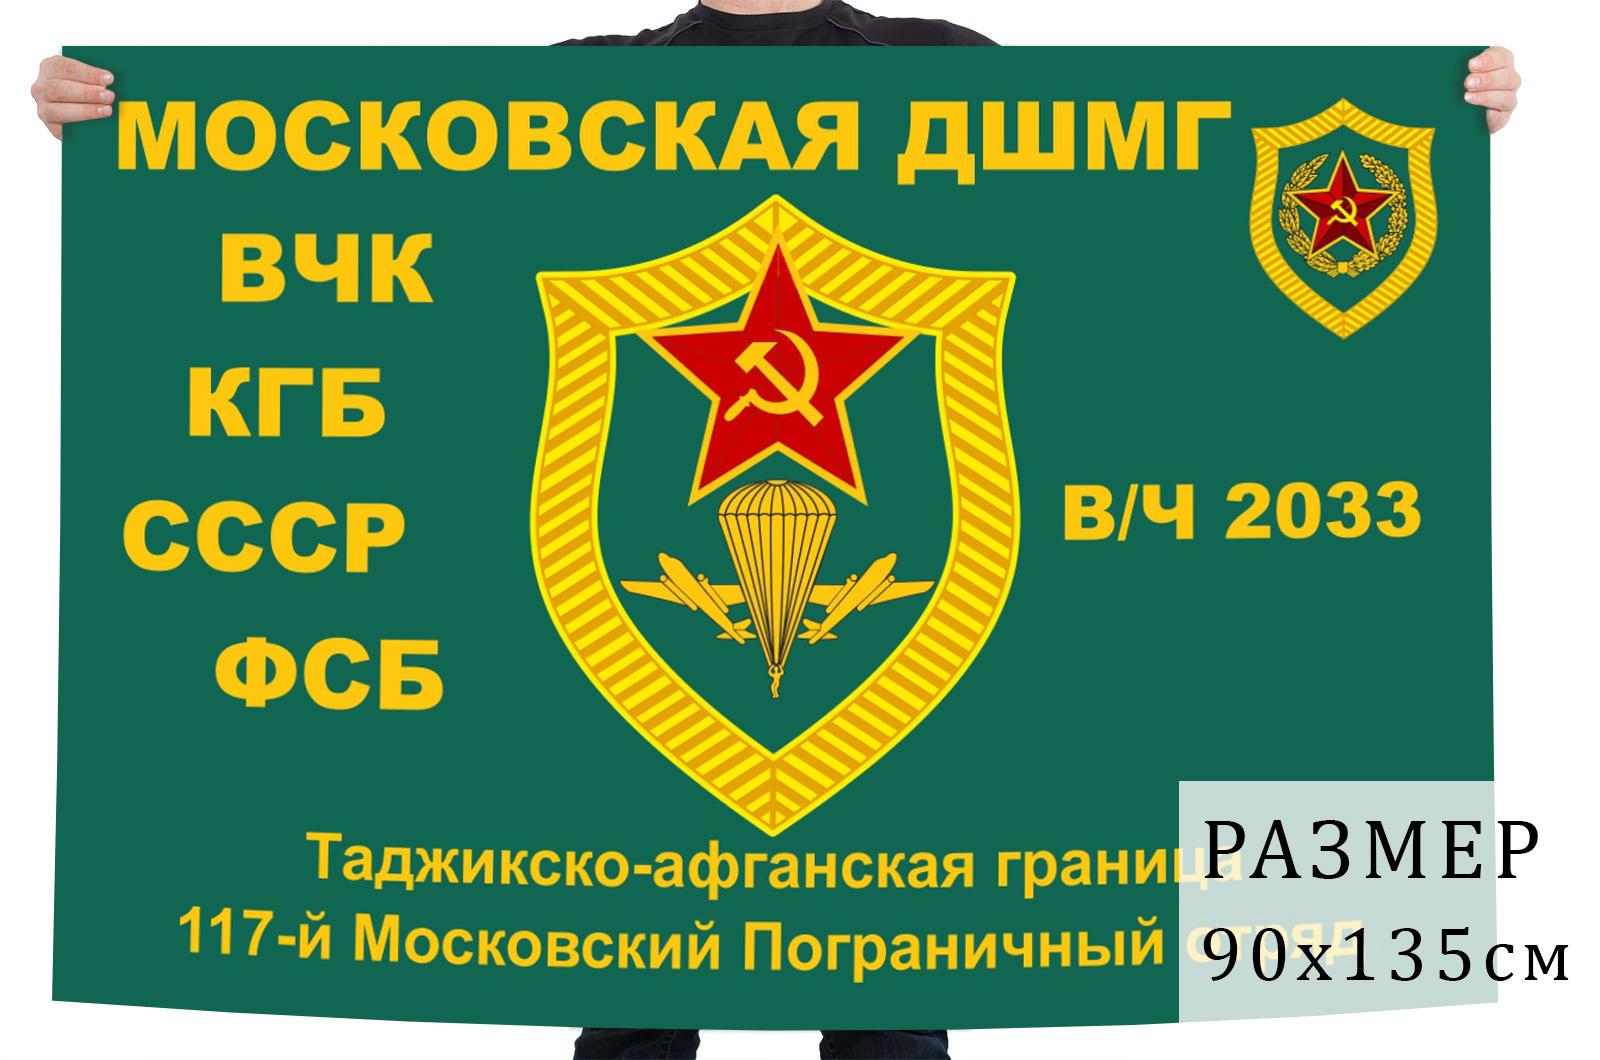 Флаг десантно-штурмовой манёвренной группы 117 Московского погранотряда